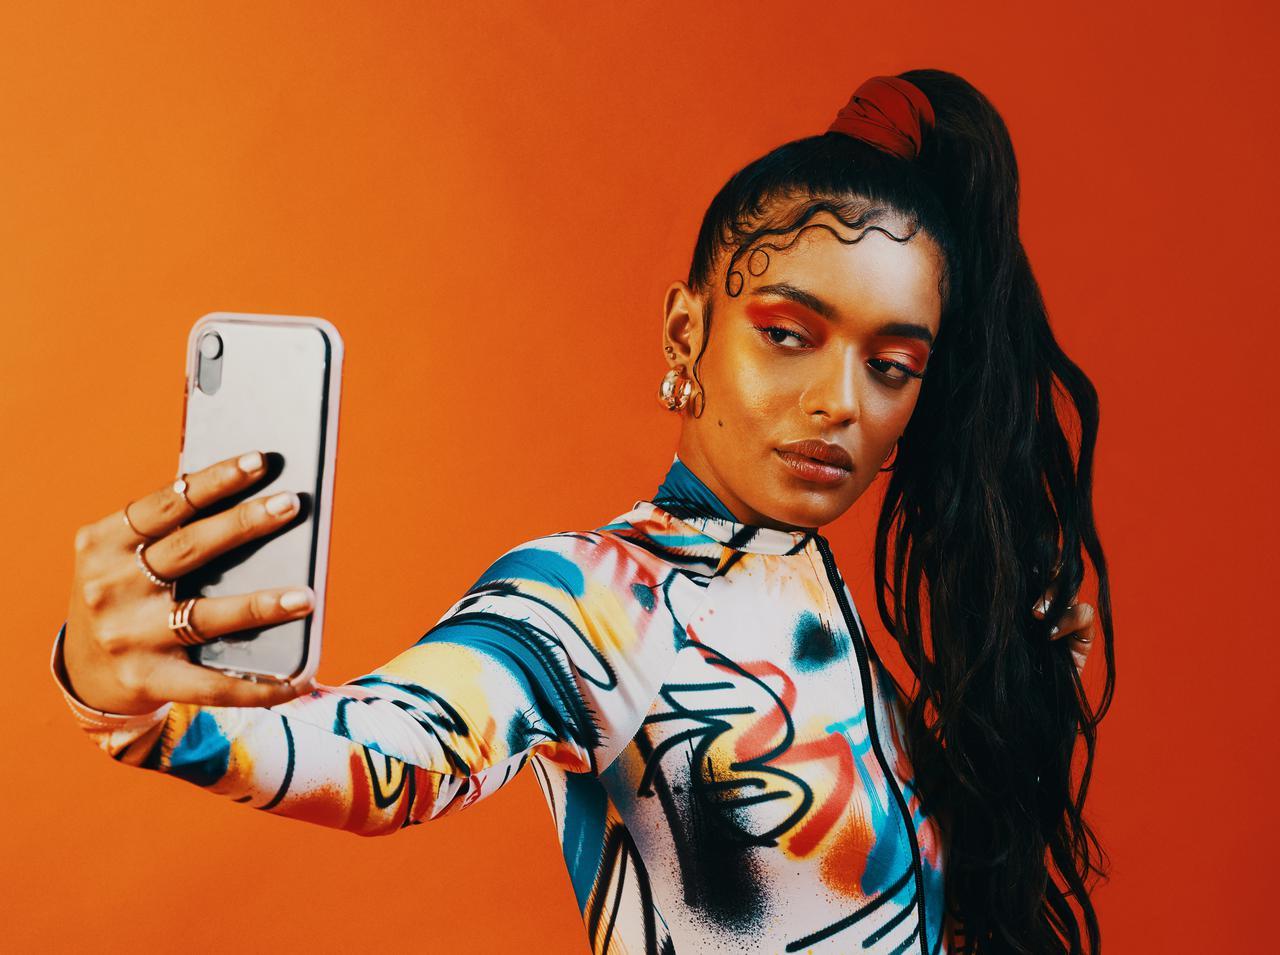 画像: 海外の若者がハマる「E-Girlメイク」